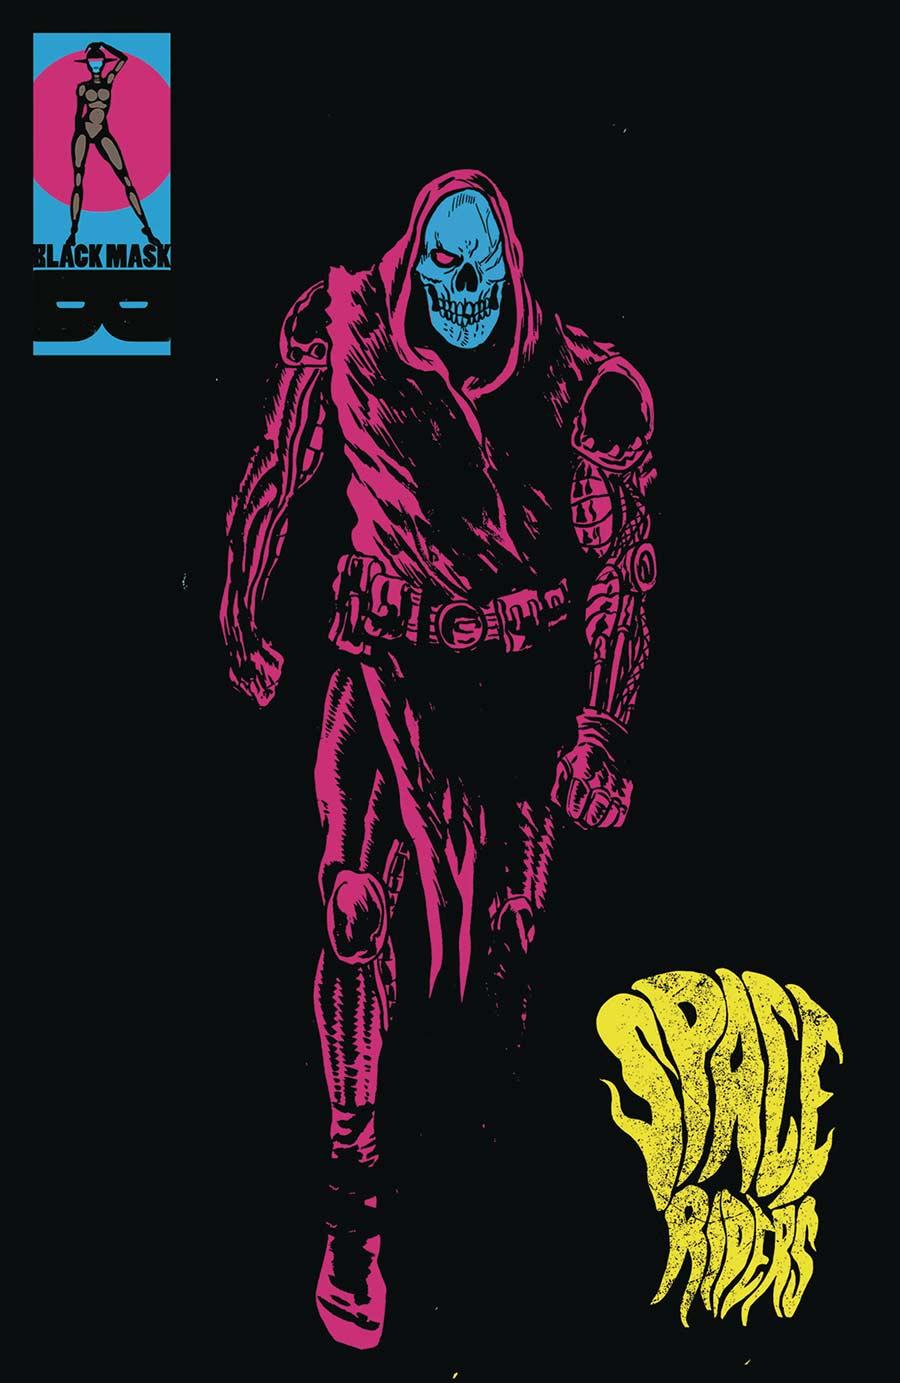 Space Riders: Vortex Of Darkness